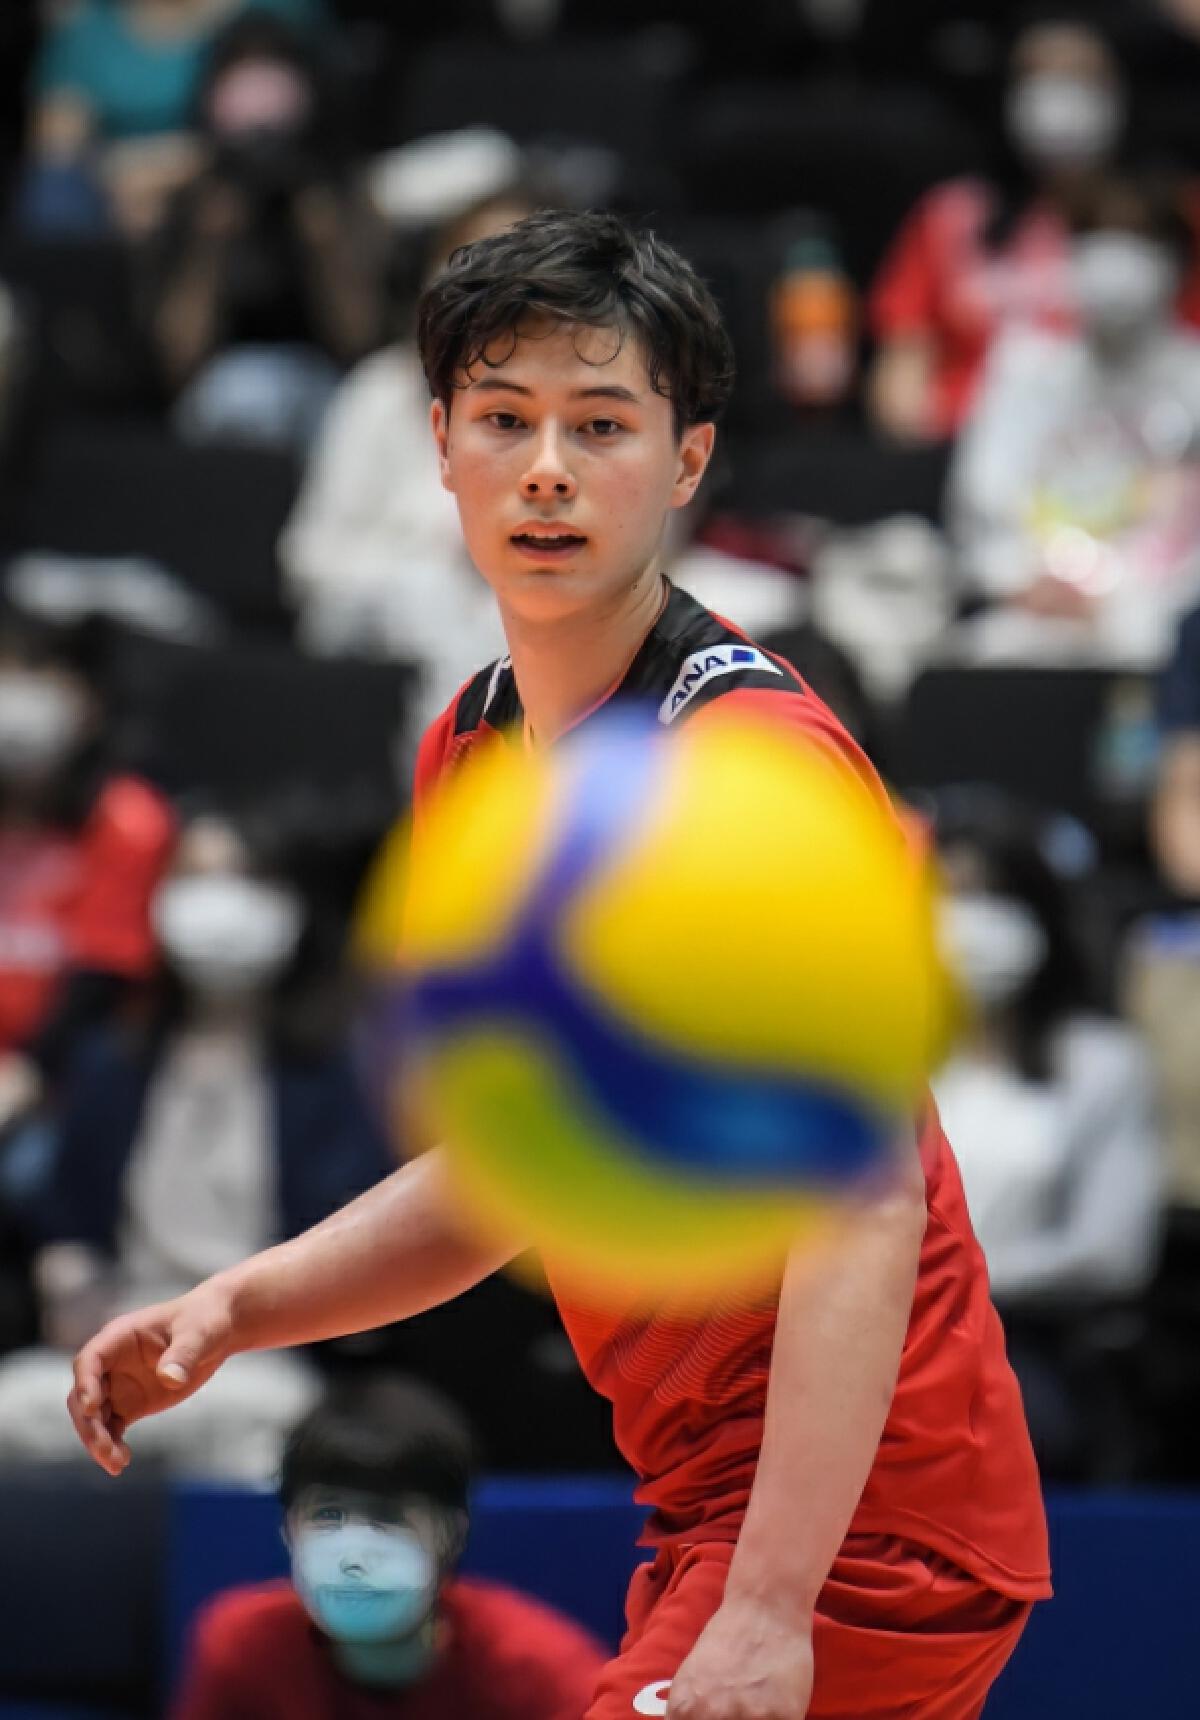 """นักวอลเลย์บอลญี่ปุ่น """"ทากาฮาชิ รัน"""""""